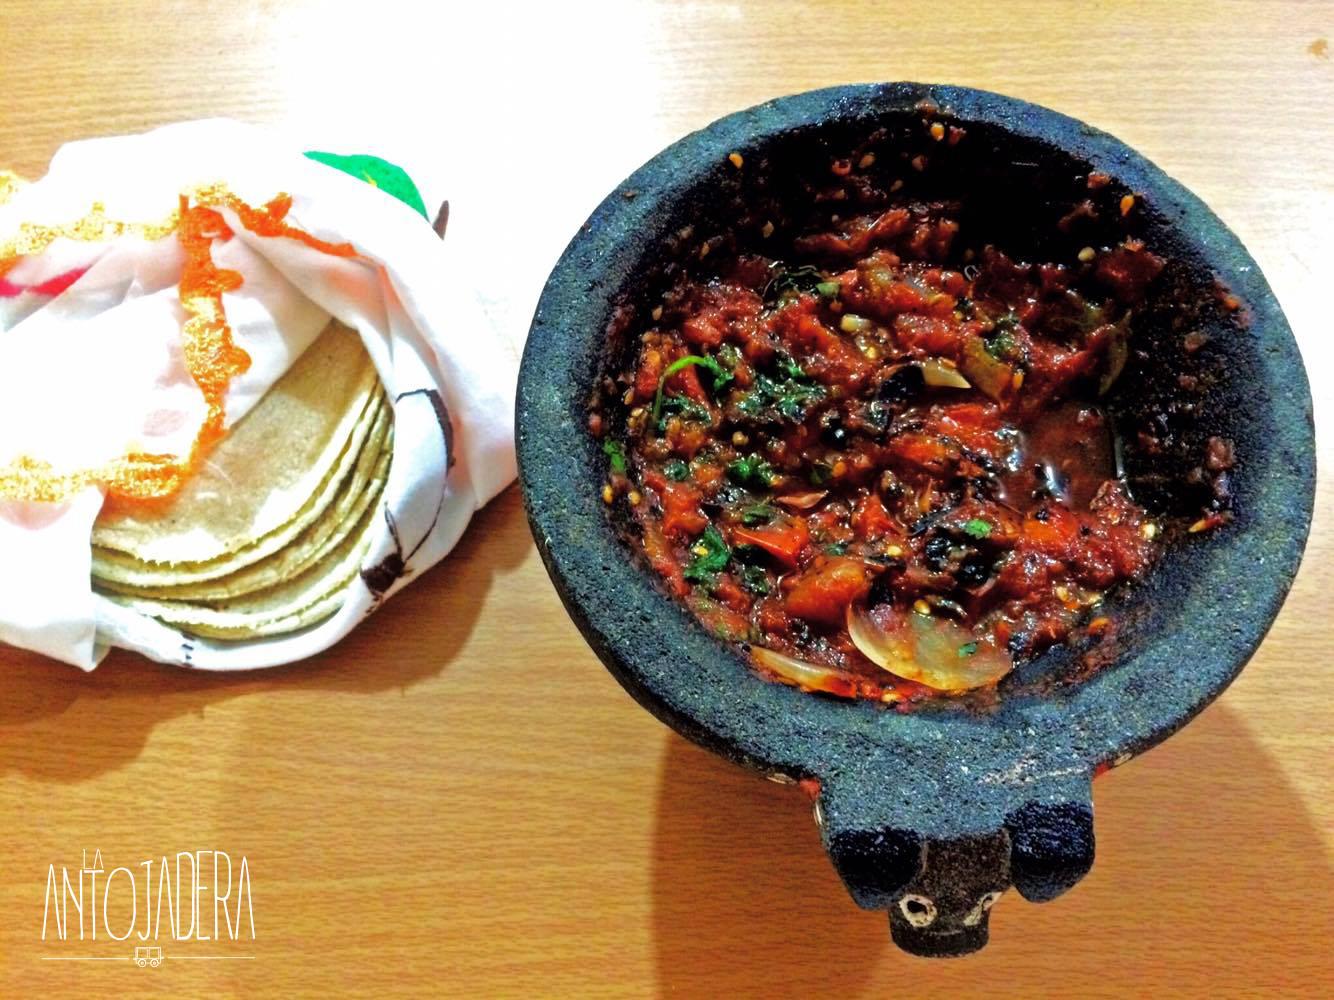 La Antojadera | Salsa Mexicana en Molcajete